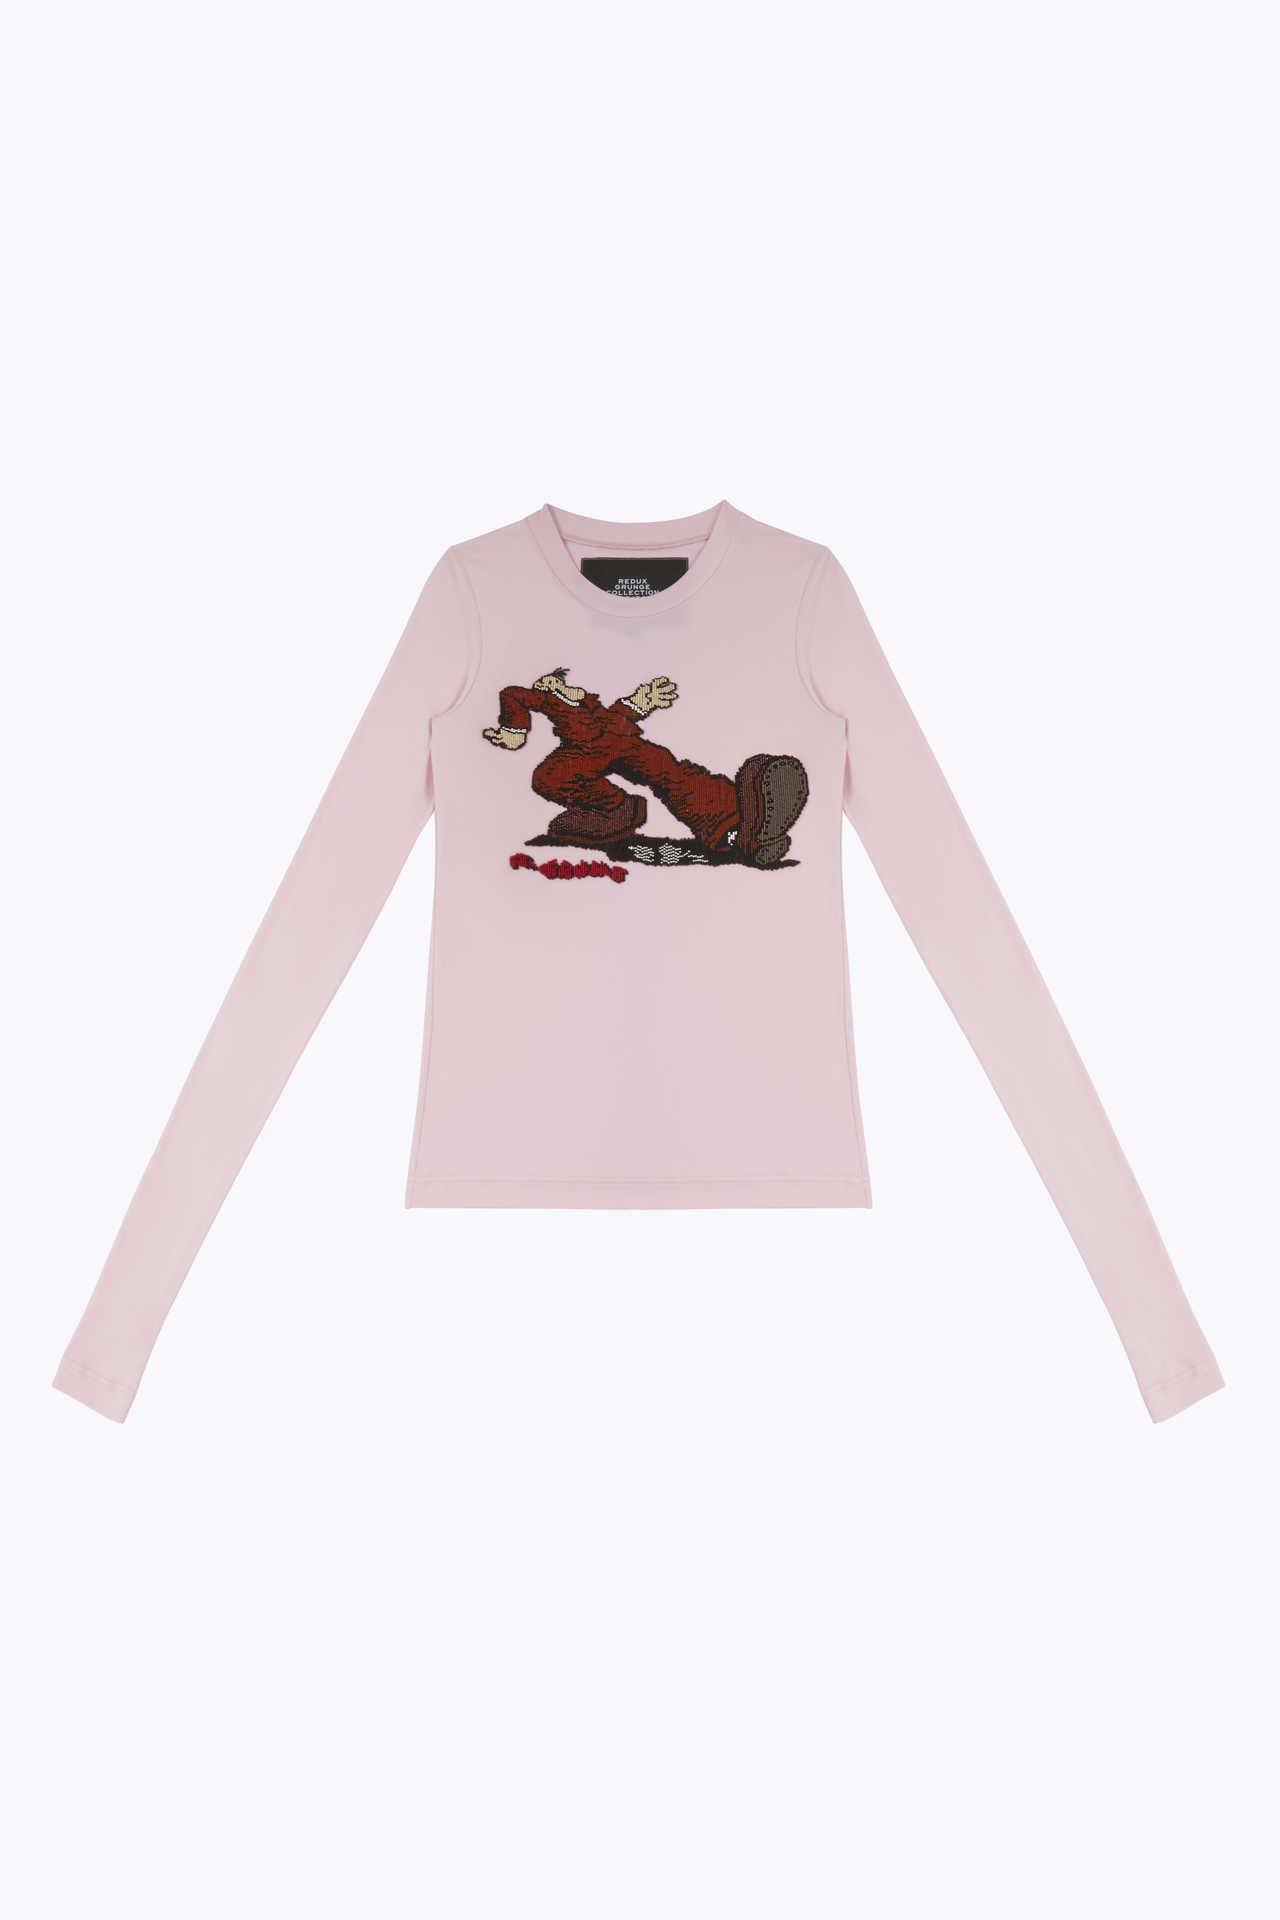 大腳紳士刺繡粉色上衣,22,900元。圖/Marc Jacobs提供